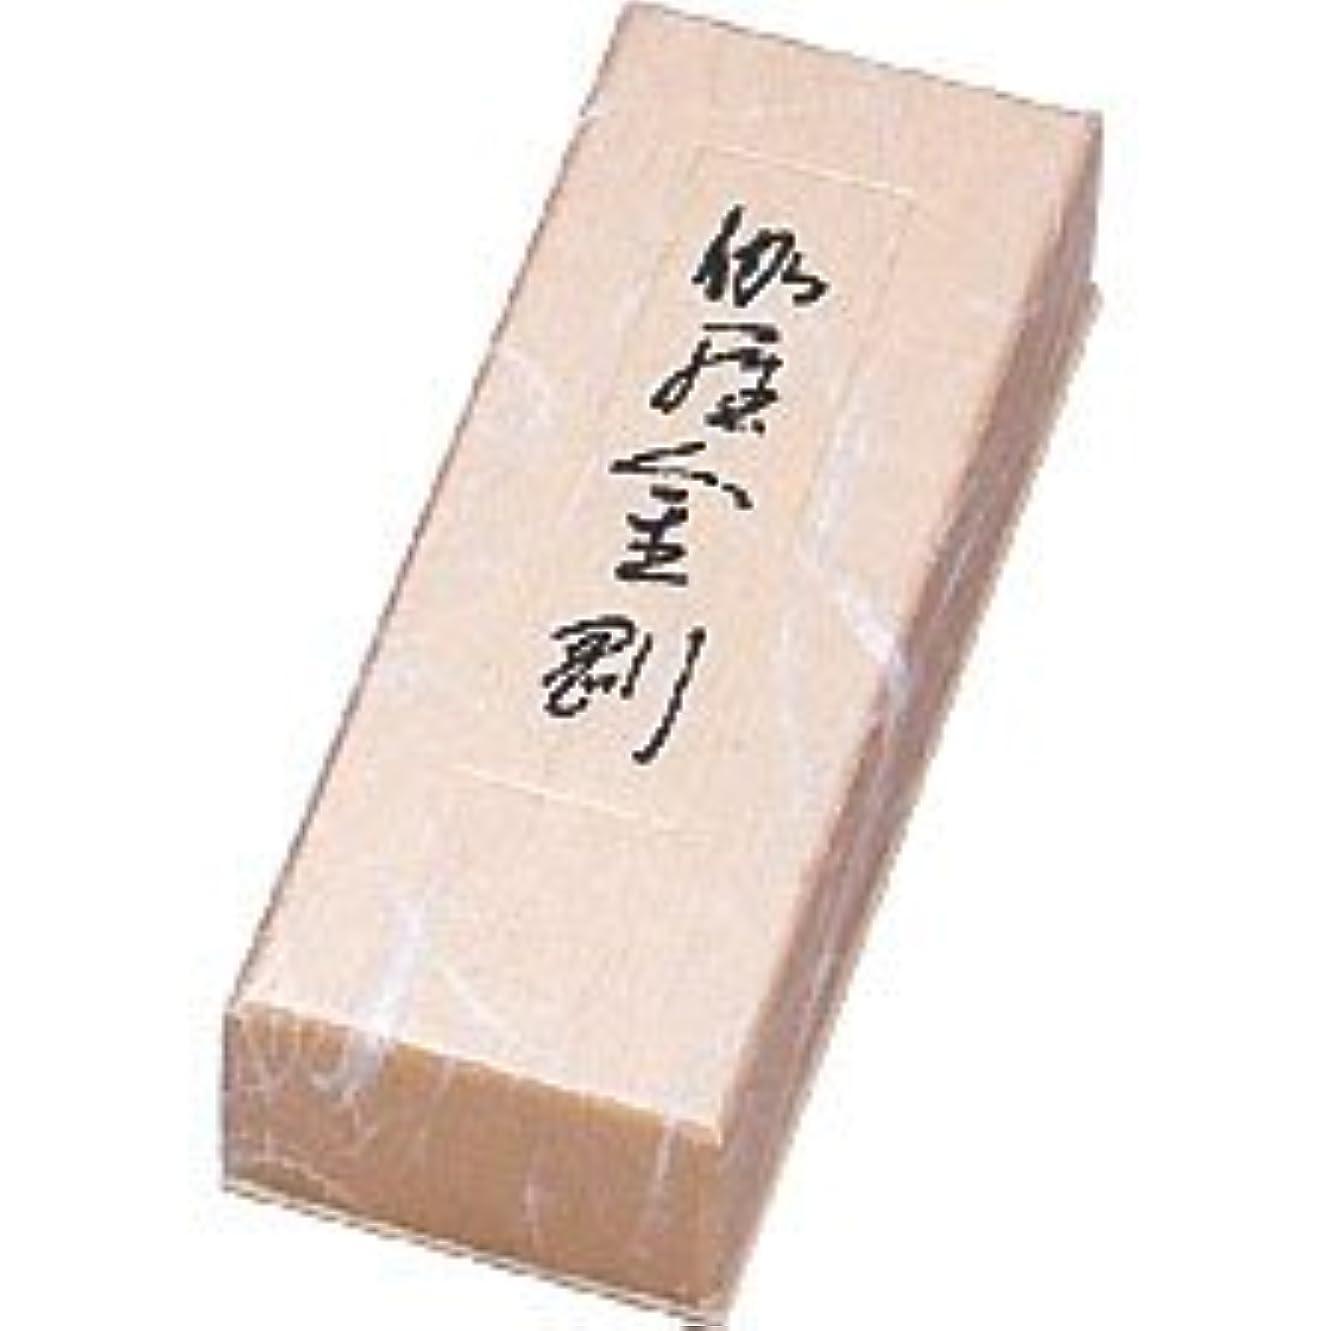 分岐する正確に燃料Nippon Kodo – Kyara Kongo ( Selected Aloeswood150 sticks